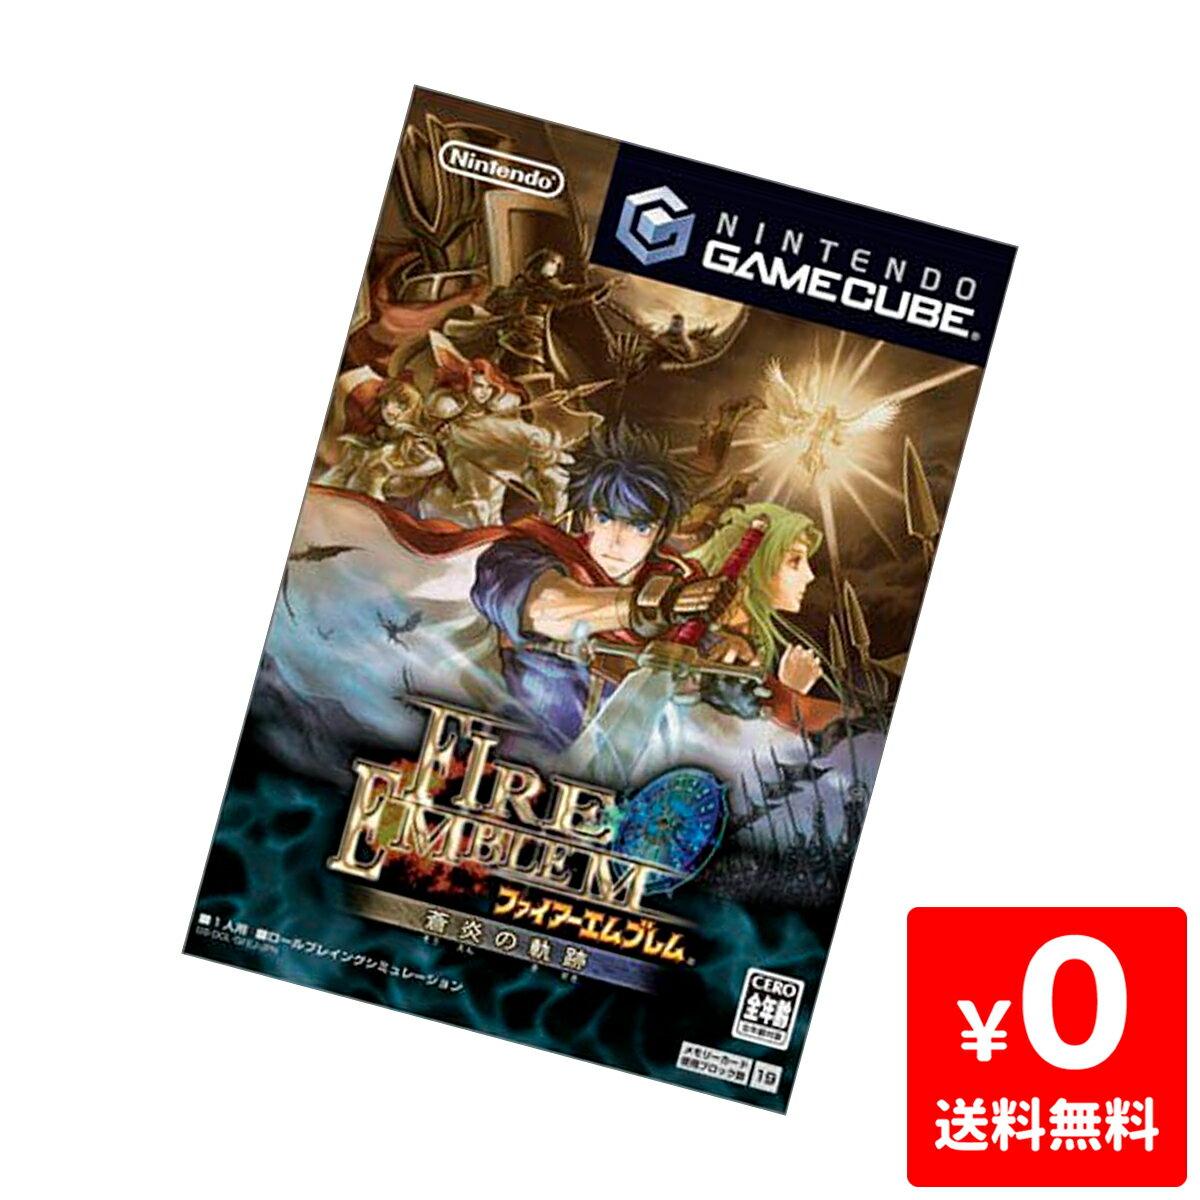 ゲームキューブ, ソフト GC GAMECUBE 4902370509922